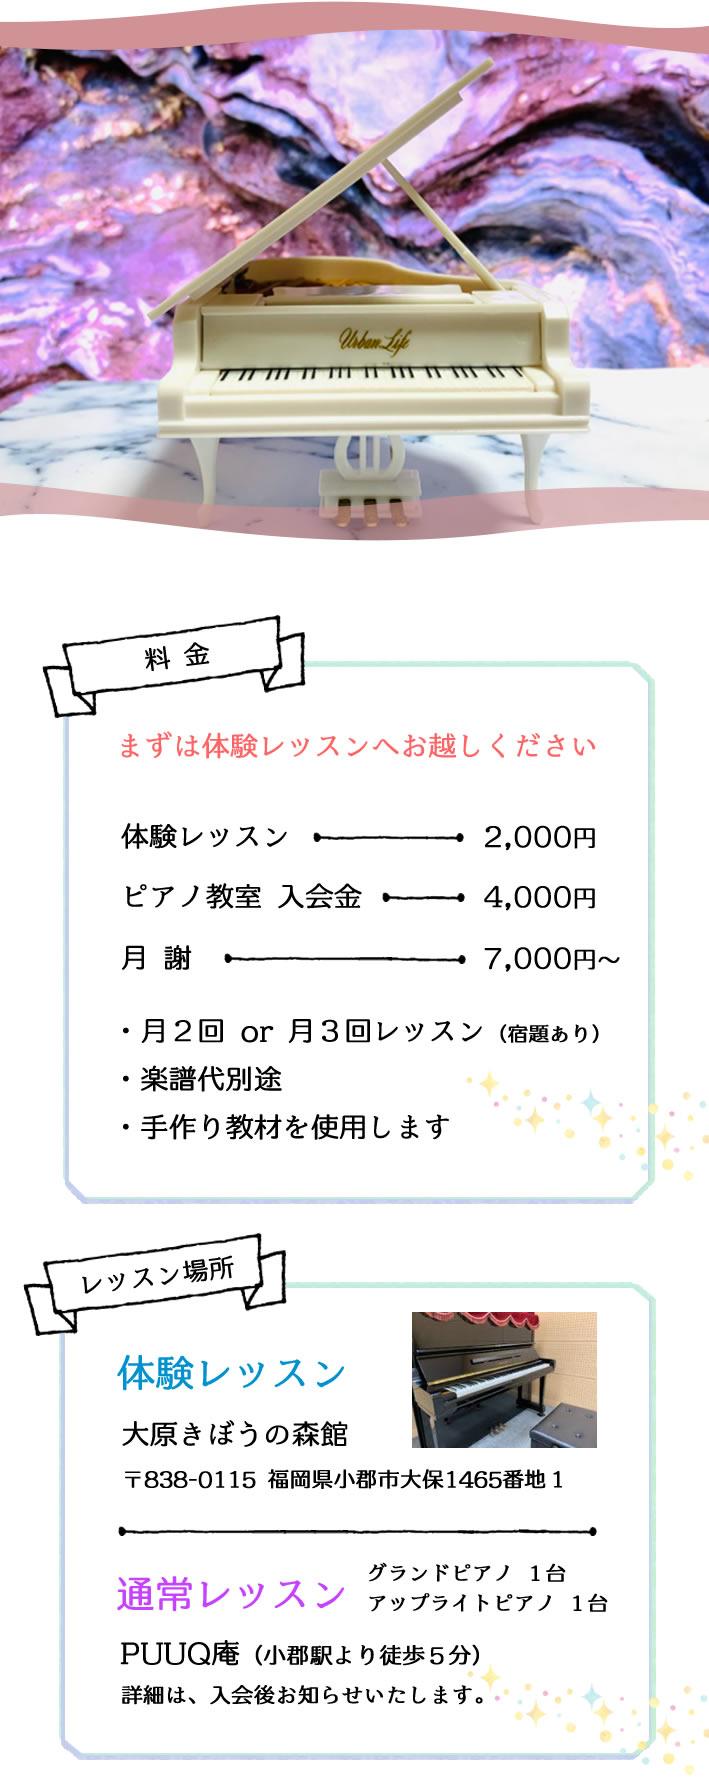 まずは体験レッスンへお越しください。体験レッスン 2,000円、入会金 4,000円、月謝 7,000円~副教材込み。月2回または月3回レッスン。楽譜代別途、手作り教材を使用します。